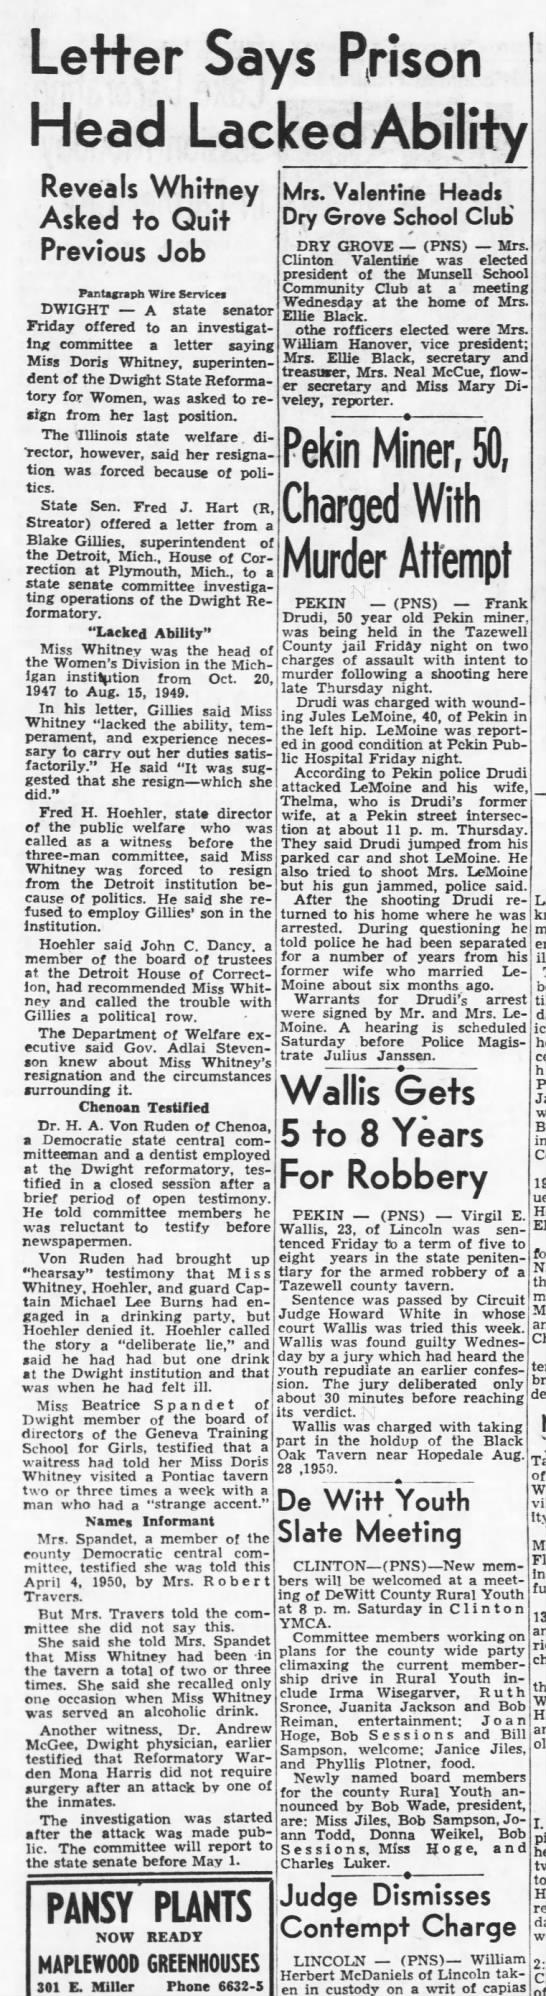 1951-04-21 Panta 05 Detroit Letter - Letter Says Prison Head Lacked Ability Reveals...